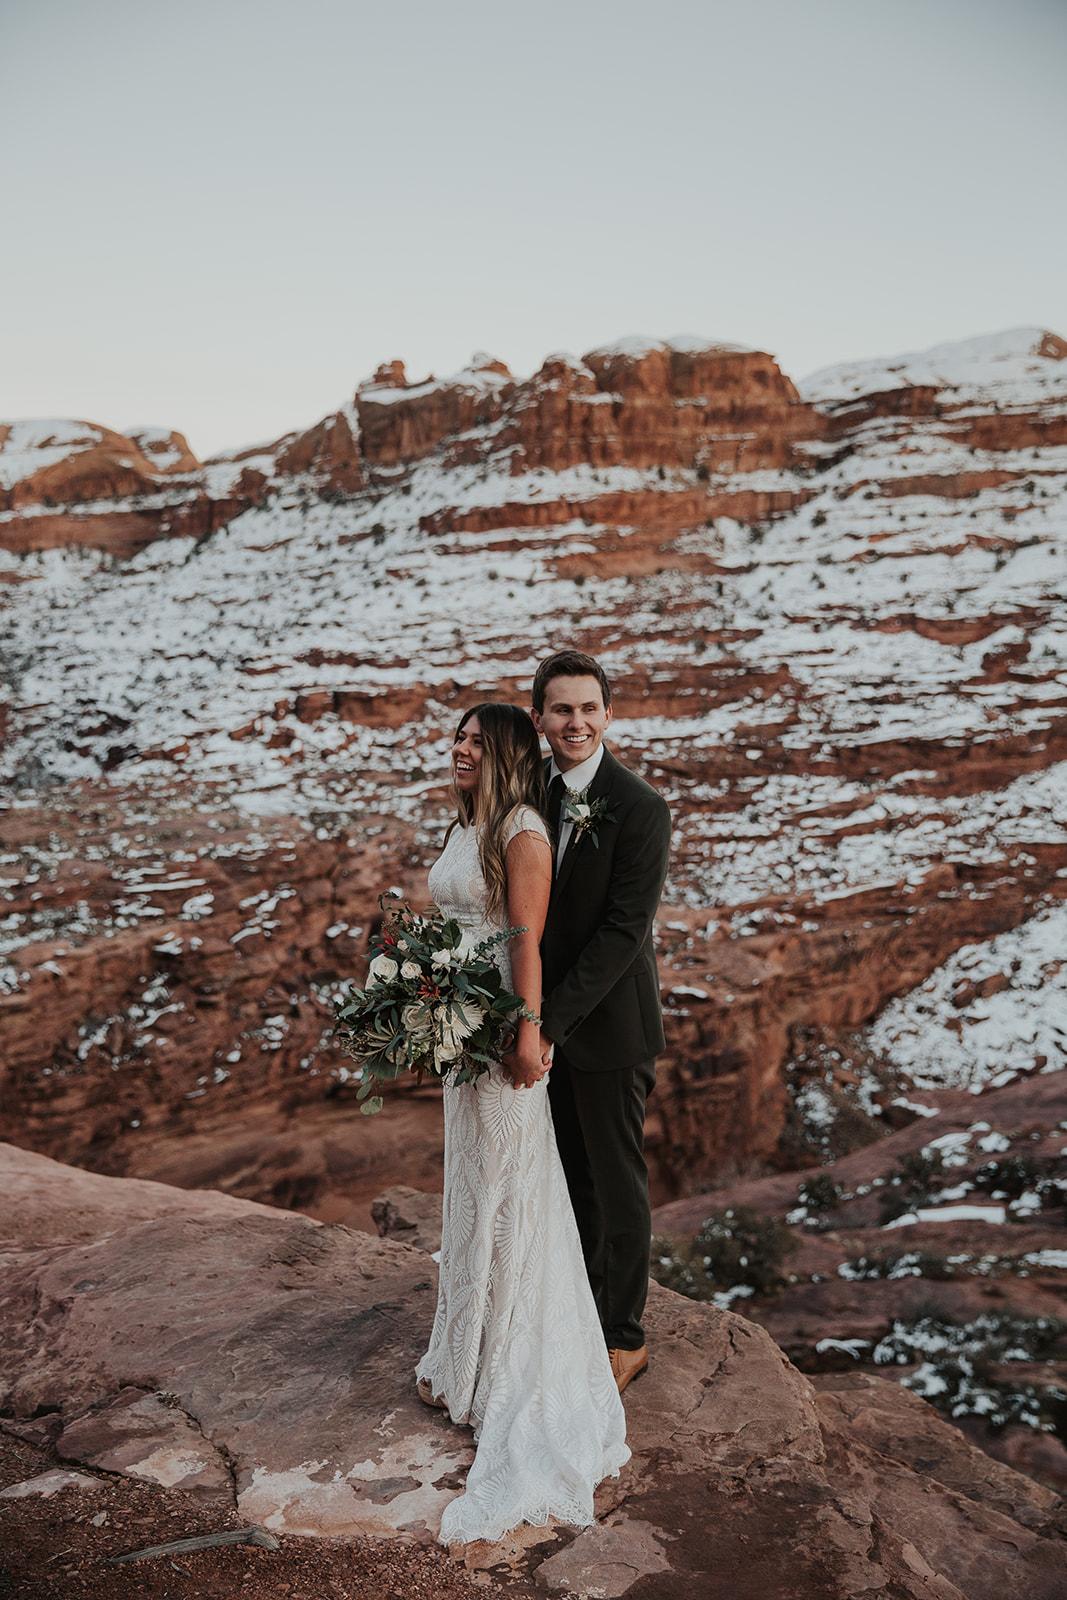 jamie+weston bridals-246.jpg